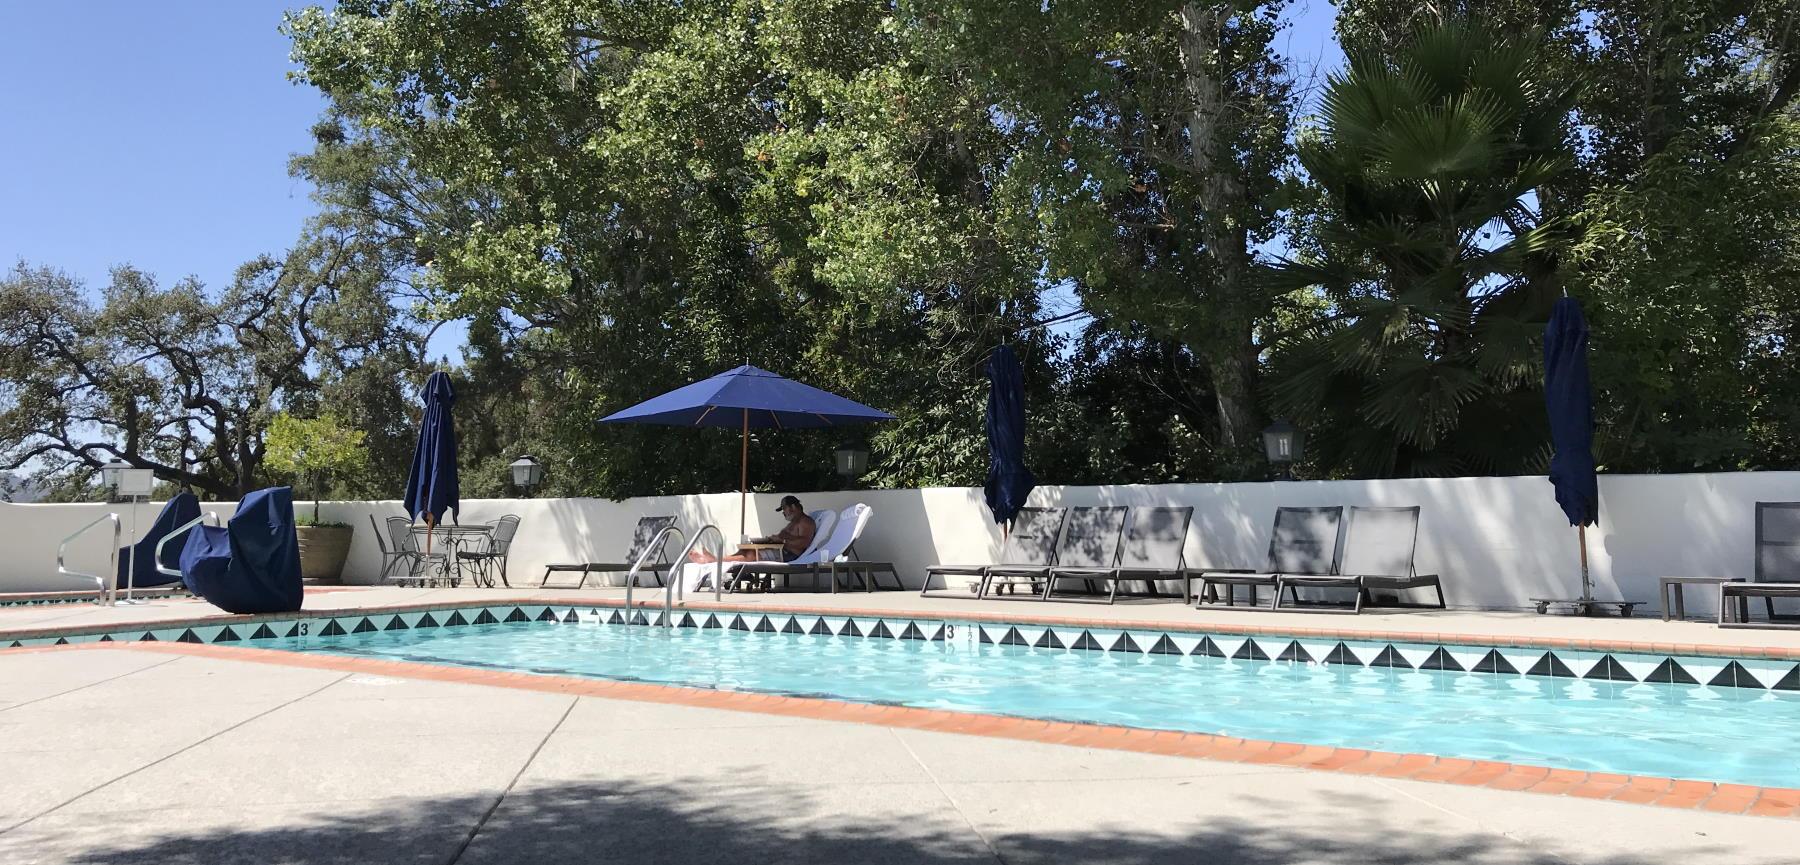 The Energy Pool at the Ojai Vally Inn